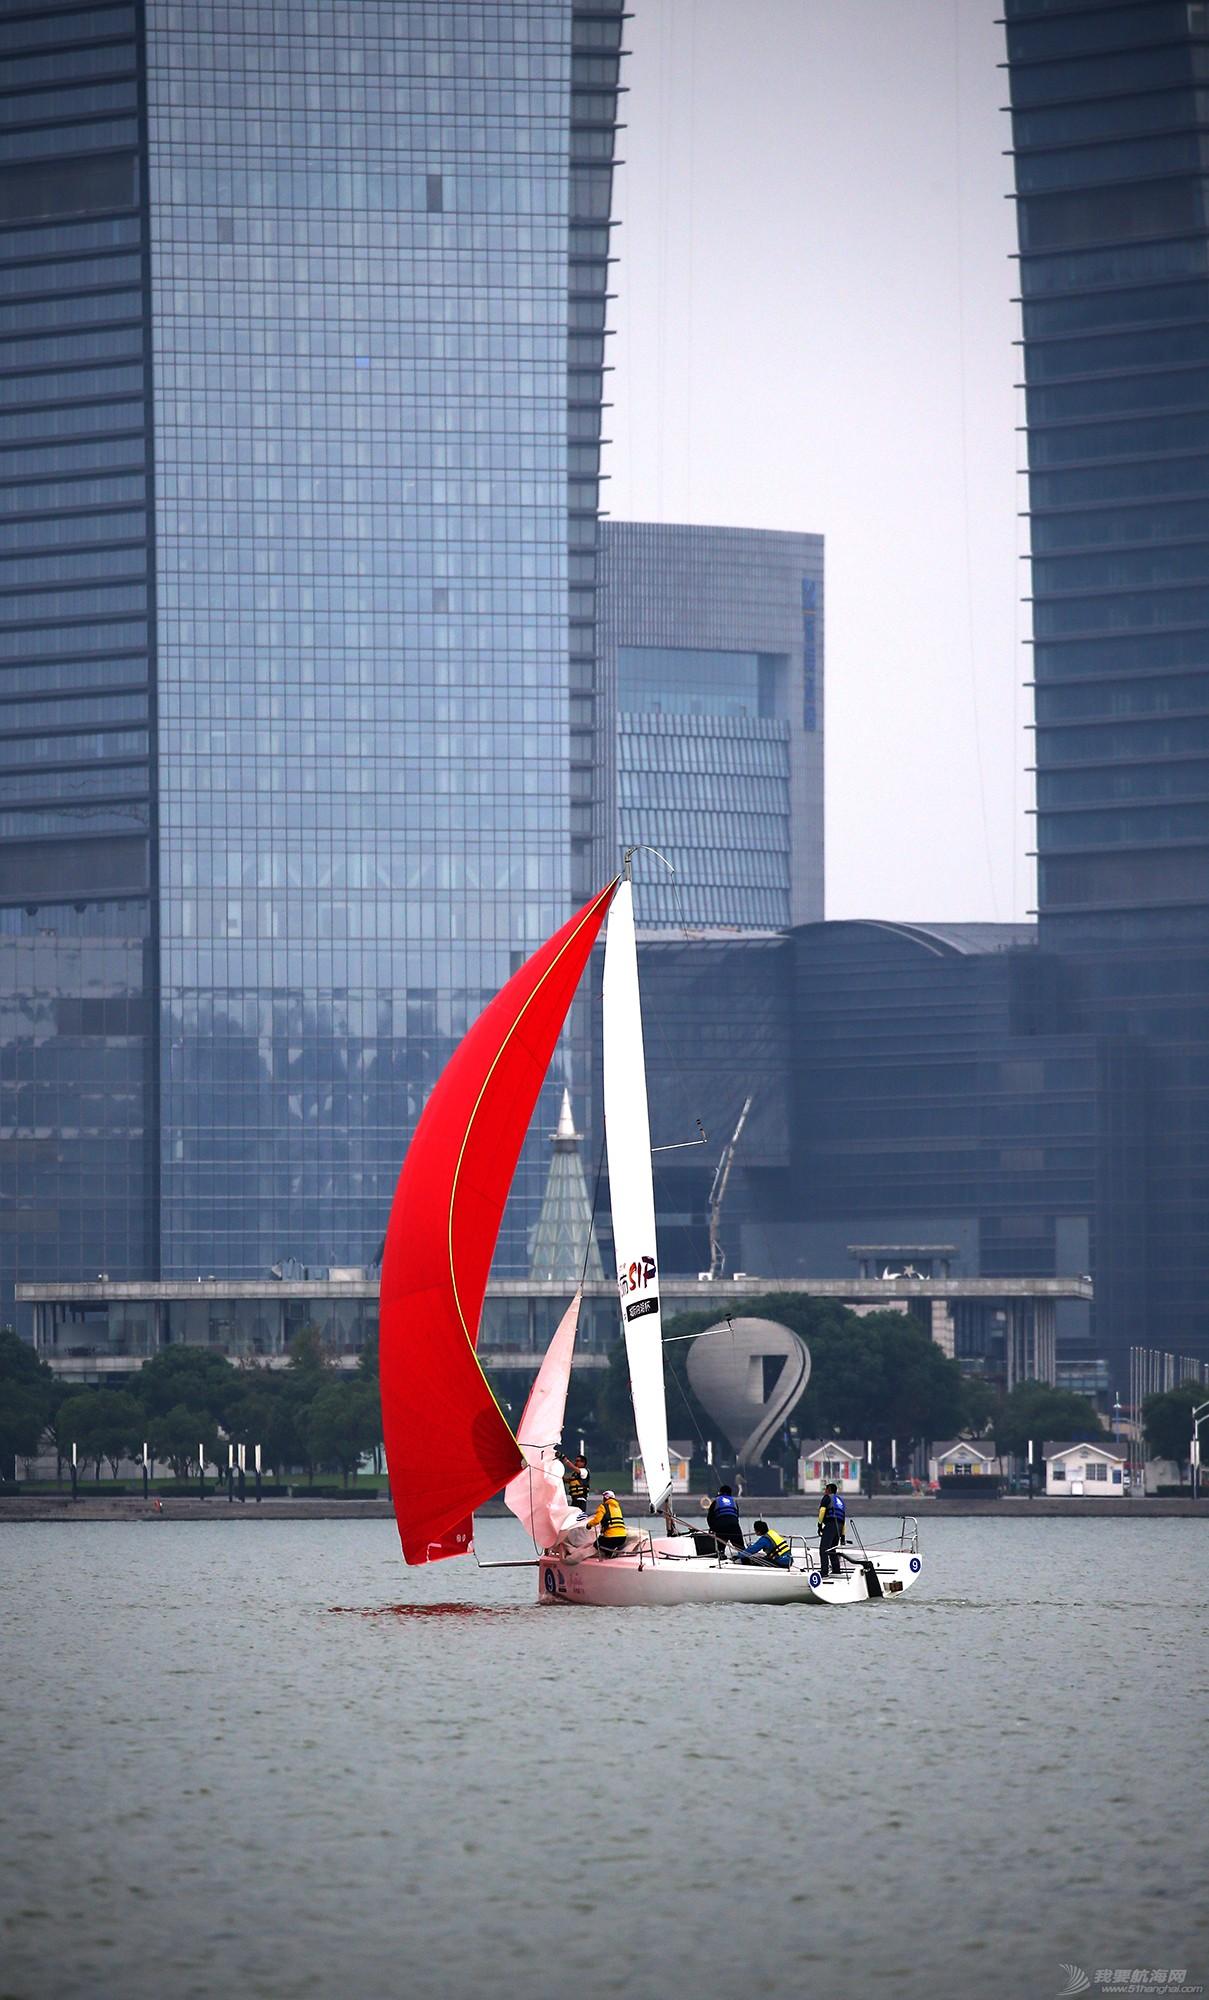 帆船,空间 帆船是灰度空间里跳动的彩色音符 E78W8582.JPG